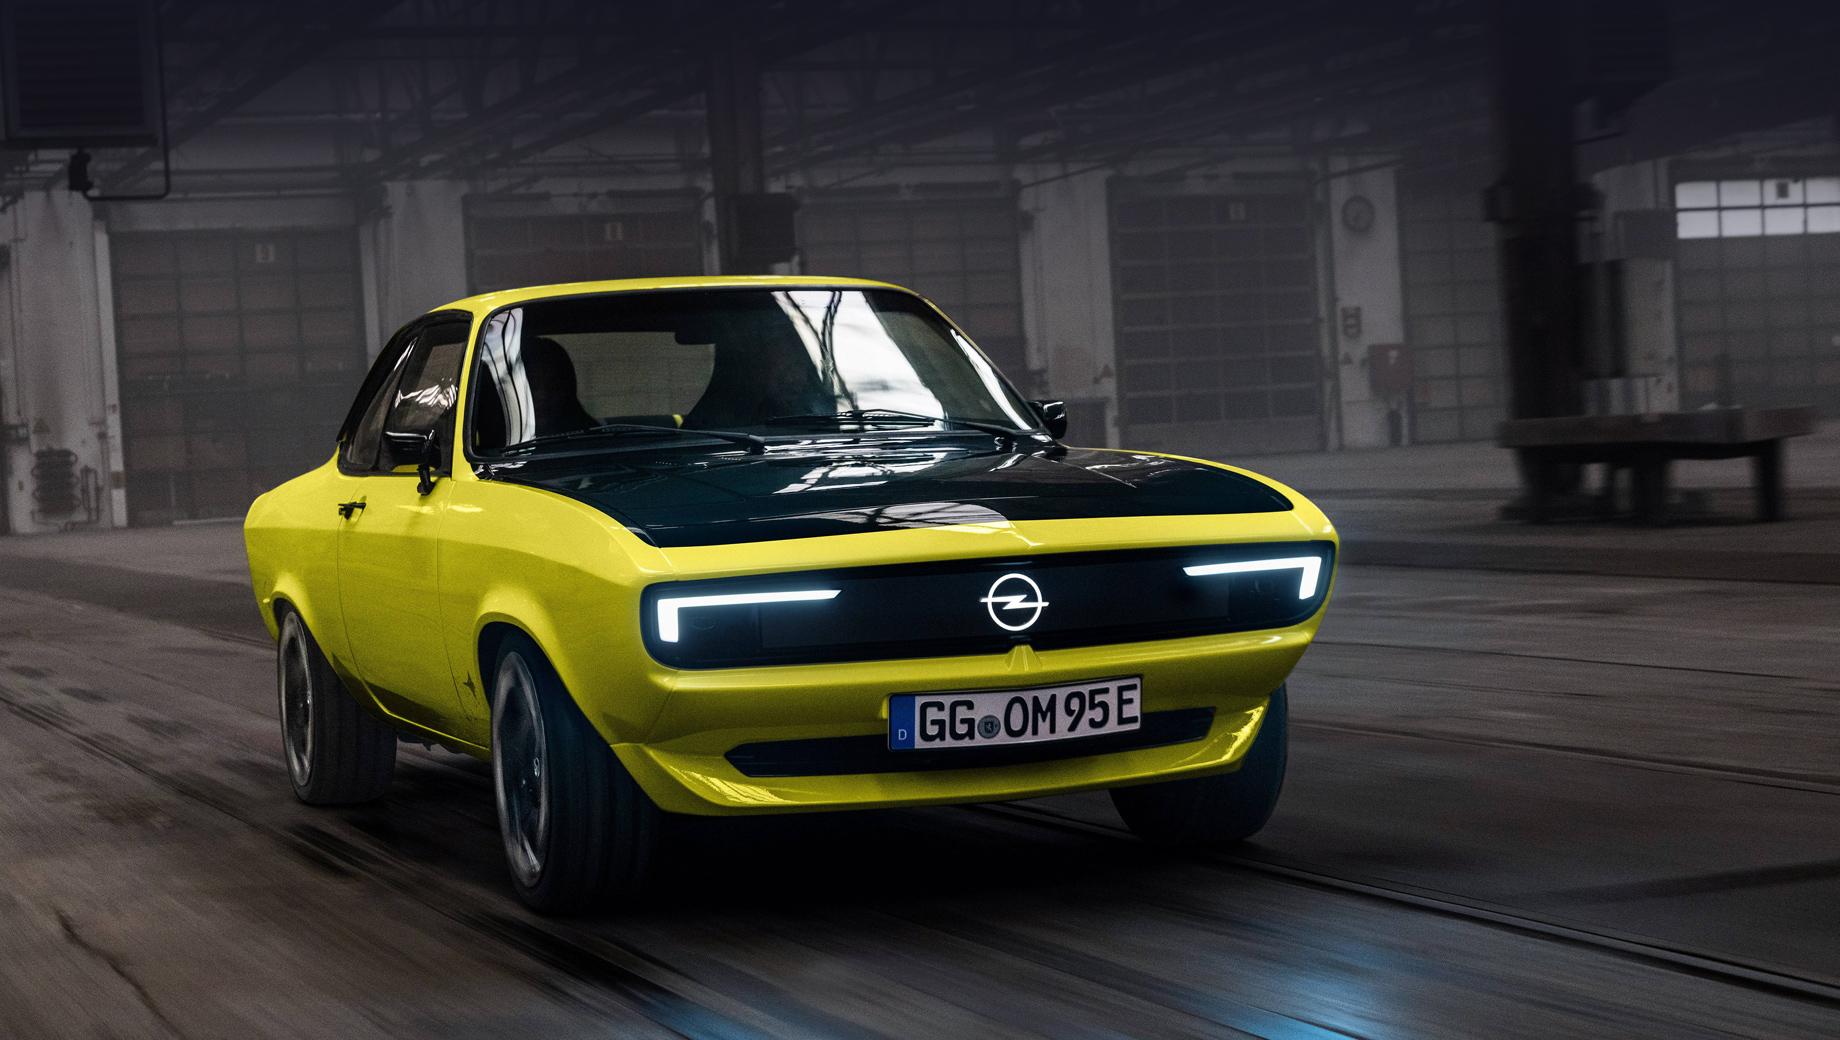 Opel manta,Opel manta gse elektromod. В перекроенной двухдверке не сразу узнаешь основу почти полувековой давности. Нос получил оформление Opel Vizor в стиле современных Опелей (к слову, вдохновлённых как раз Мантой А), а между фарами протянулся дисплей Pixel-Vizor.